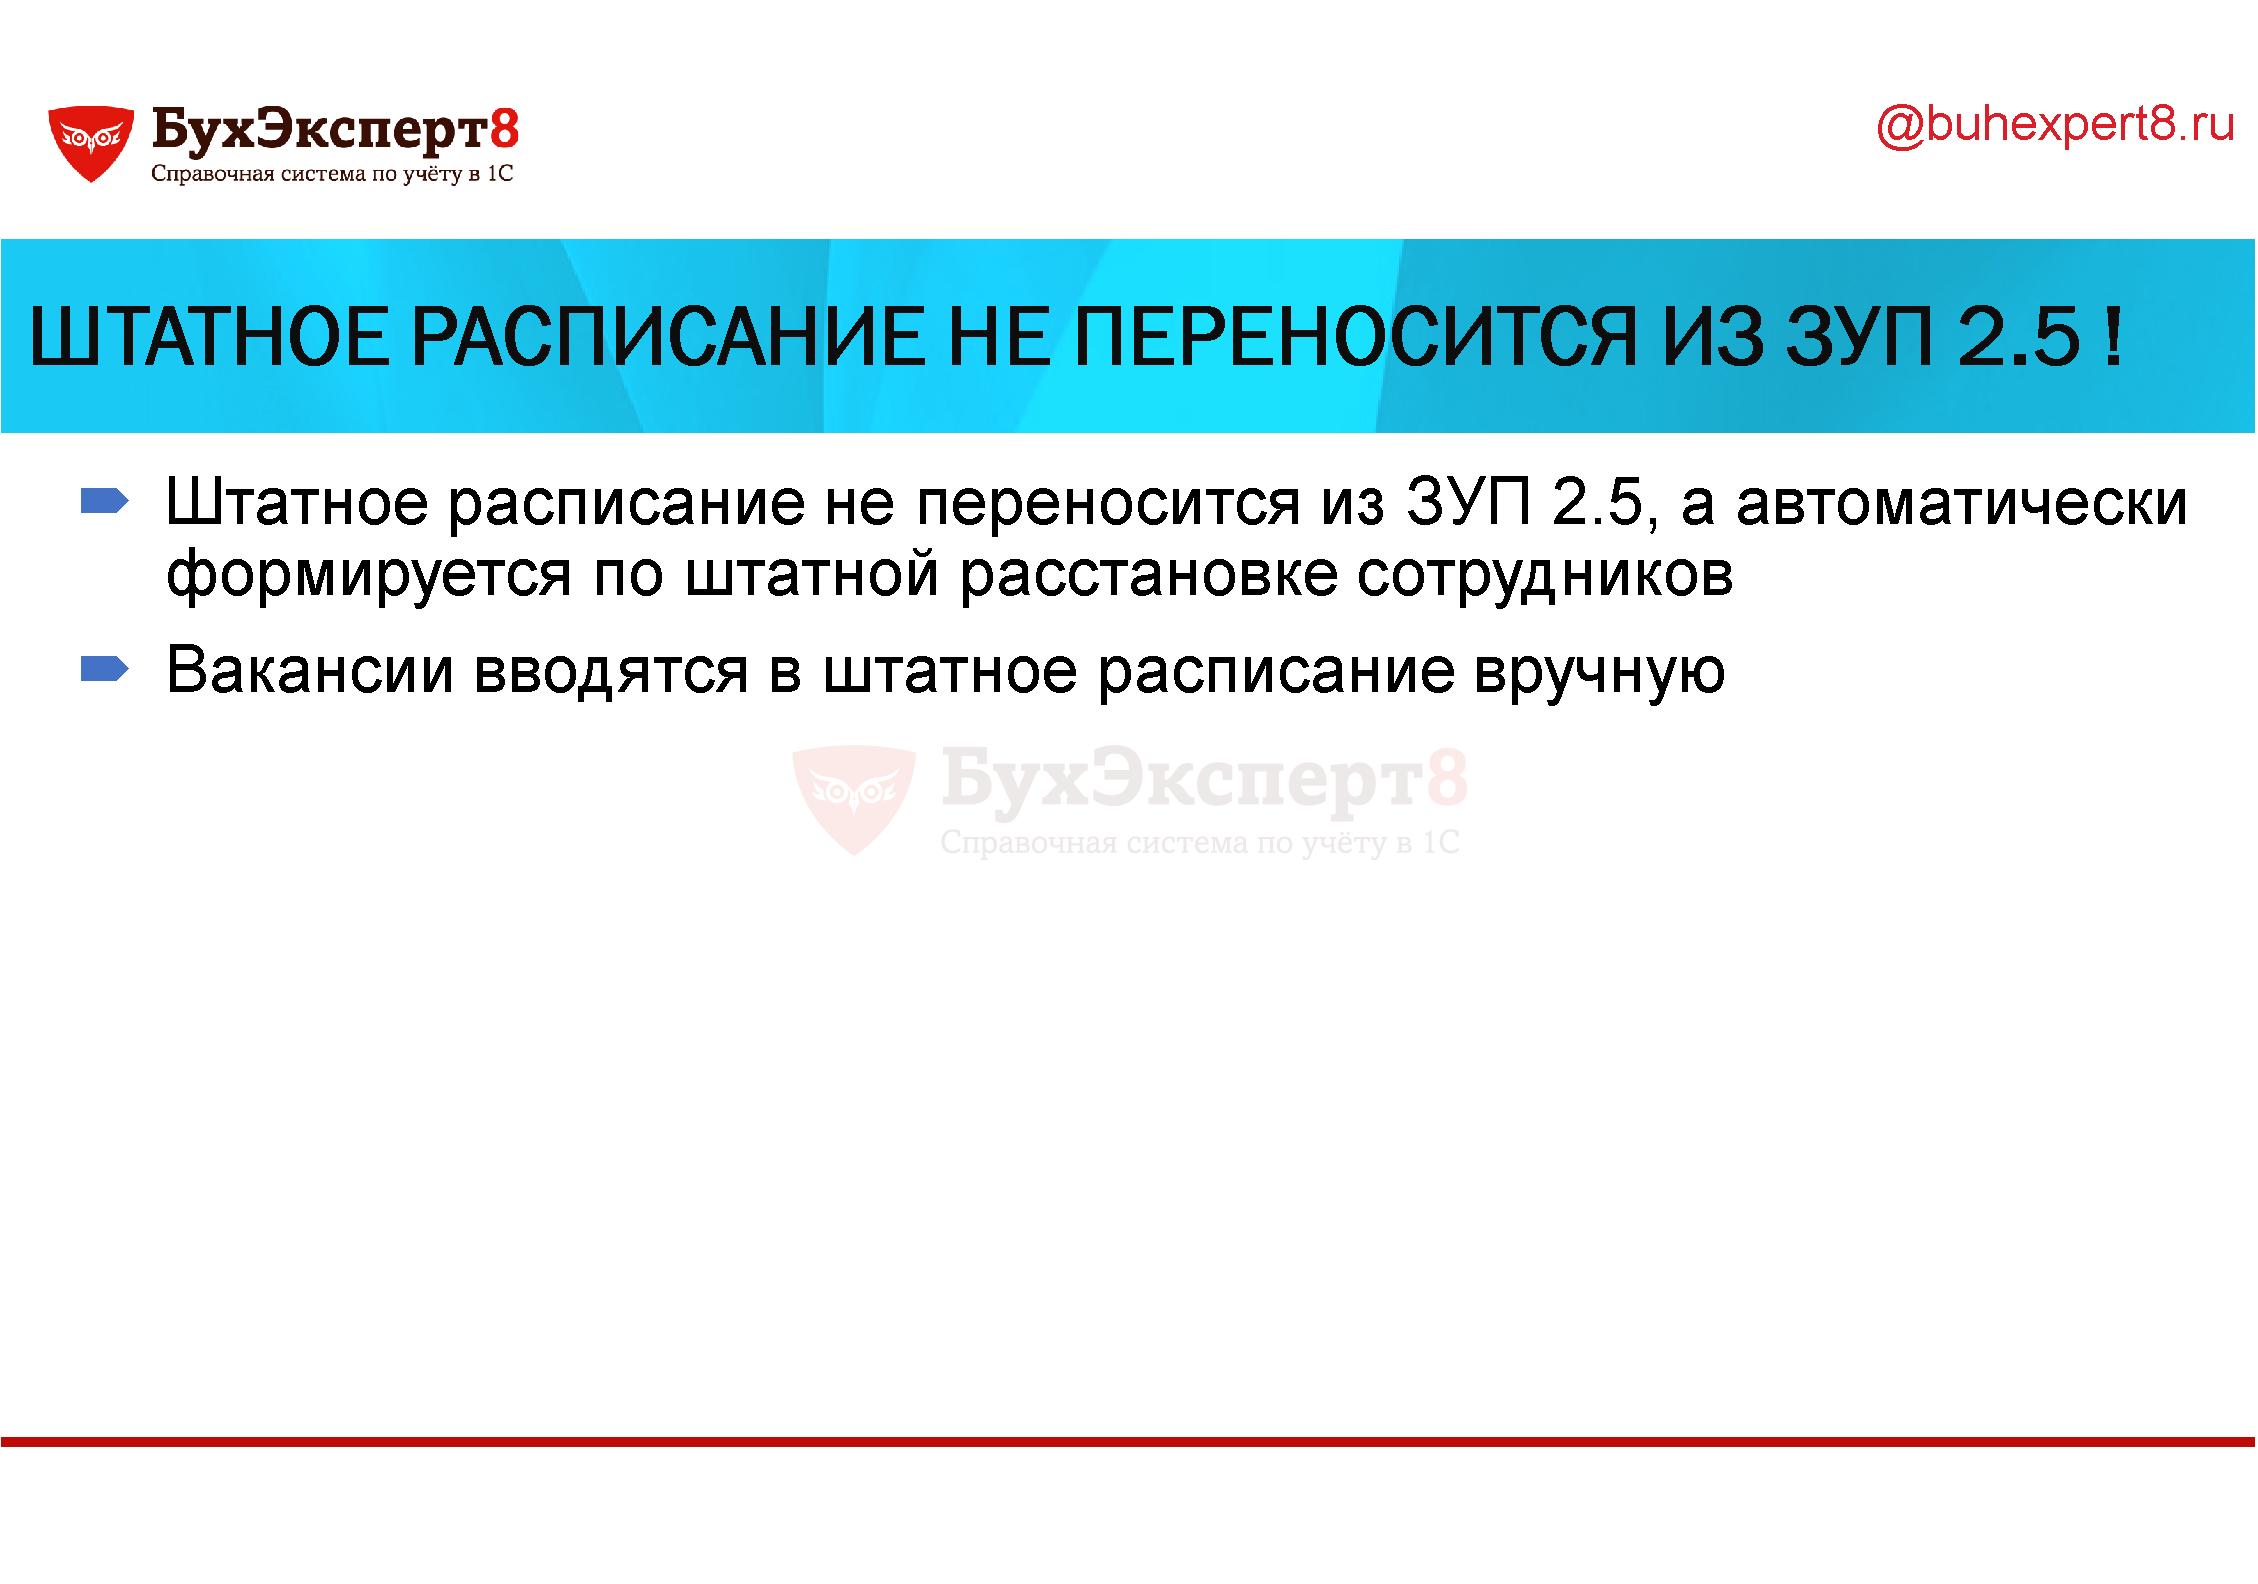 Штатное расписание не переносится из ЗУП 2.5 ! Штатное расписание не переносится из ЗУП 2.5, а автоматически формируется по штатной расстановке сотрудников Вакансии вводятся в штатное расписание вручную